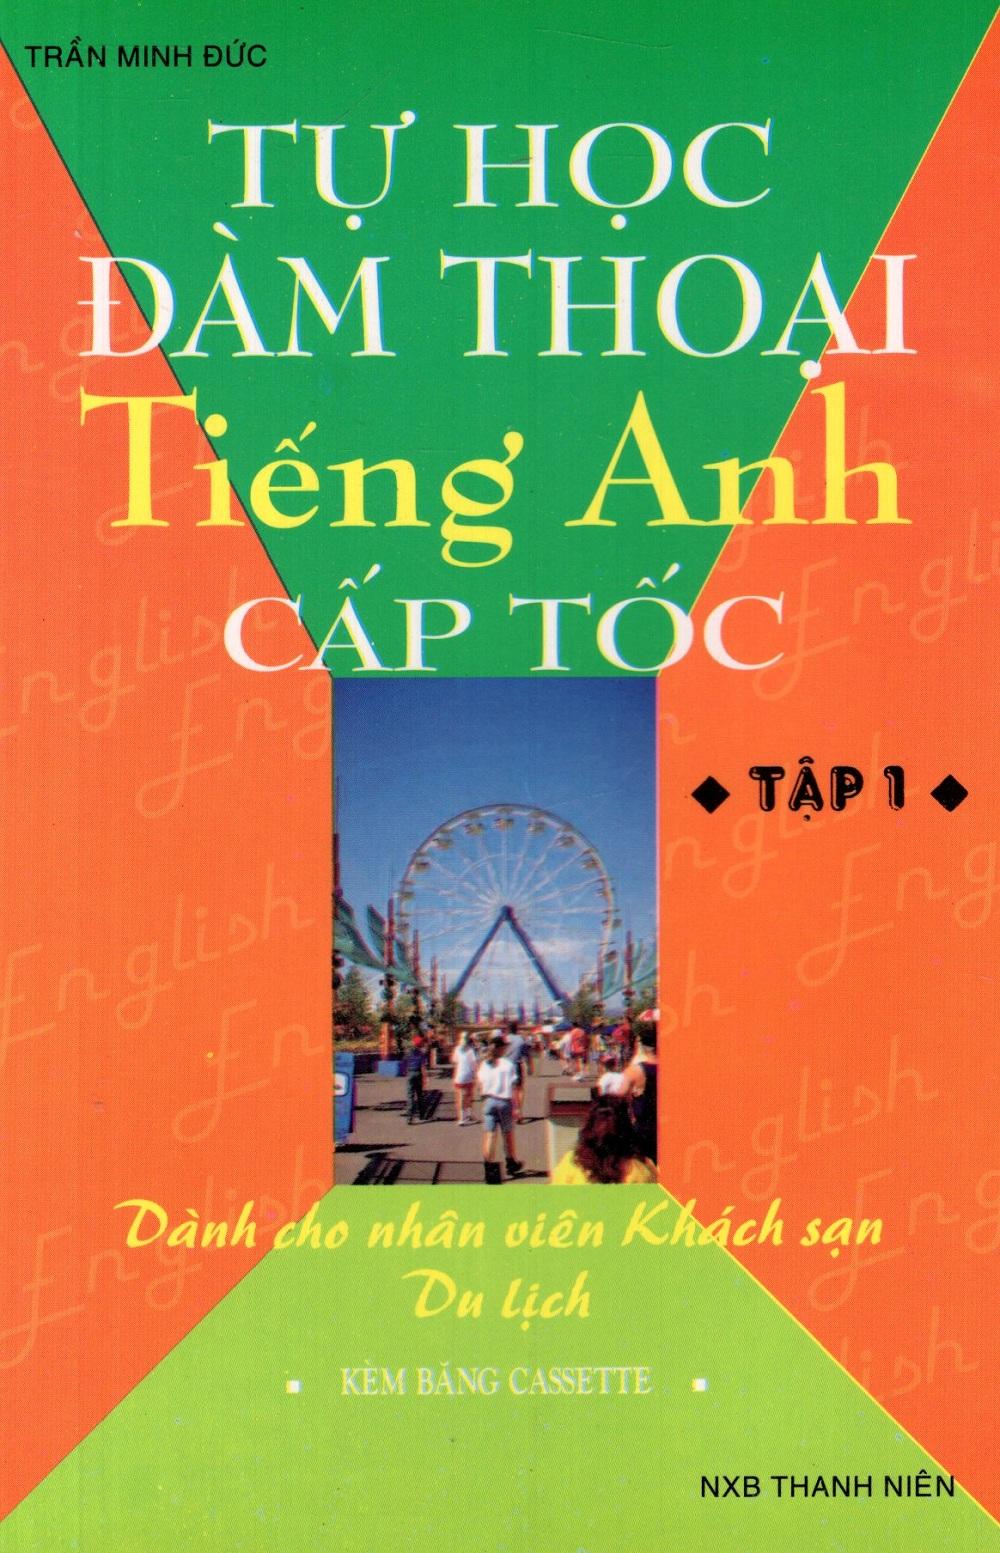 Bìa sách Tự Học Đàm Thoại Tiếng Anh Cấp Tốc (Dành Cho Nhân Viên Khách Sạn, Du Lịch) (Tập 1) - Sách Bỏ Túi